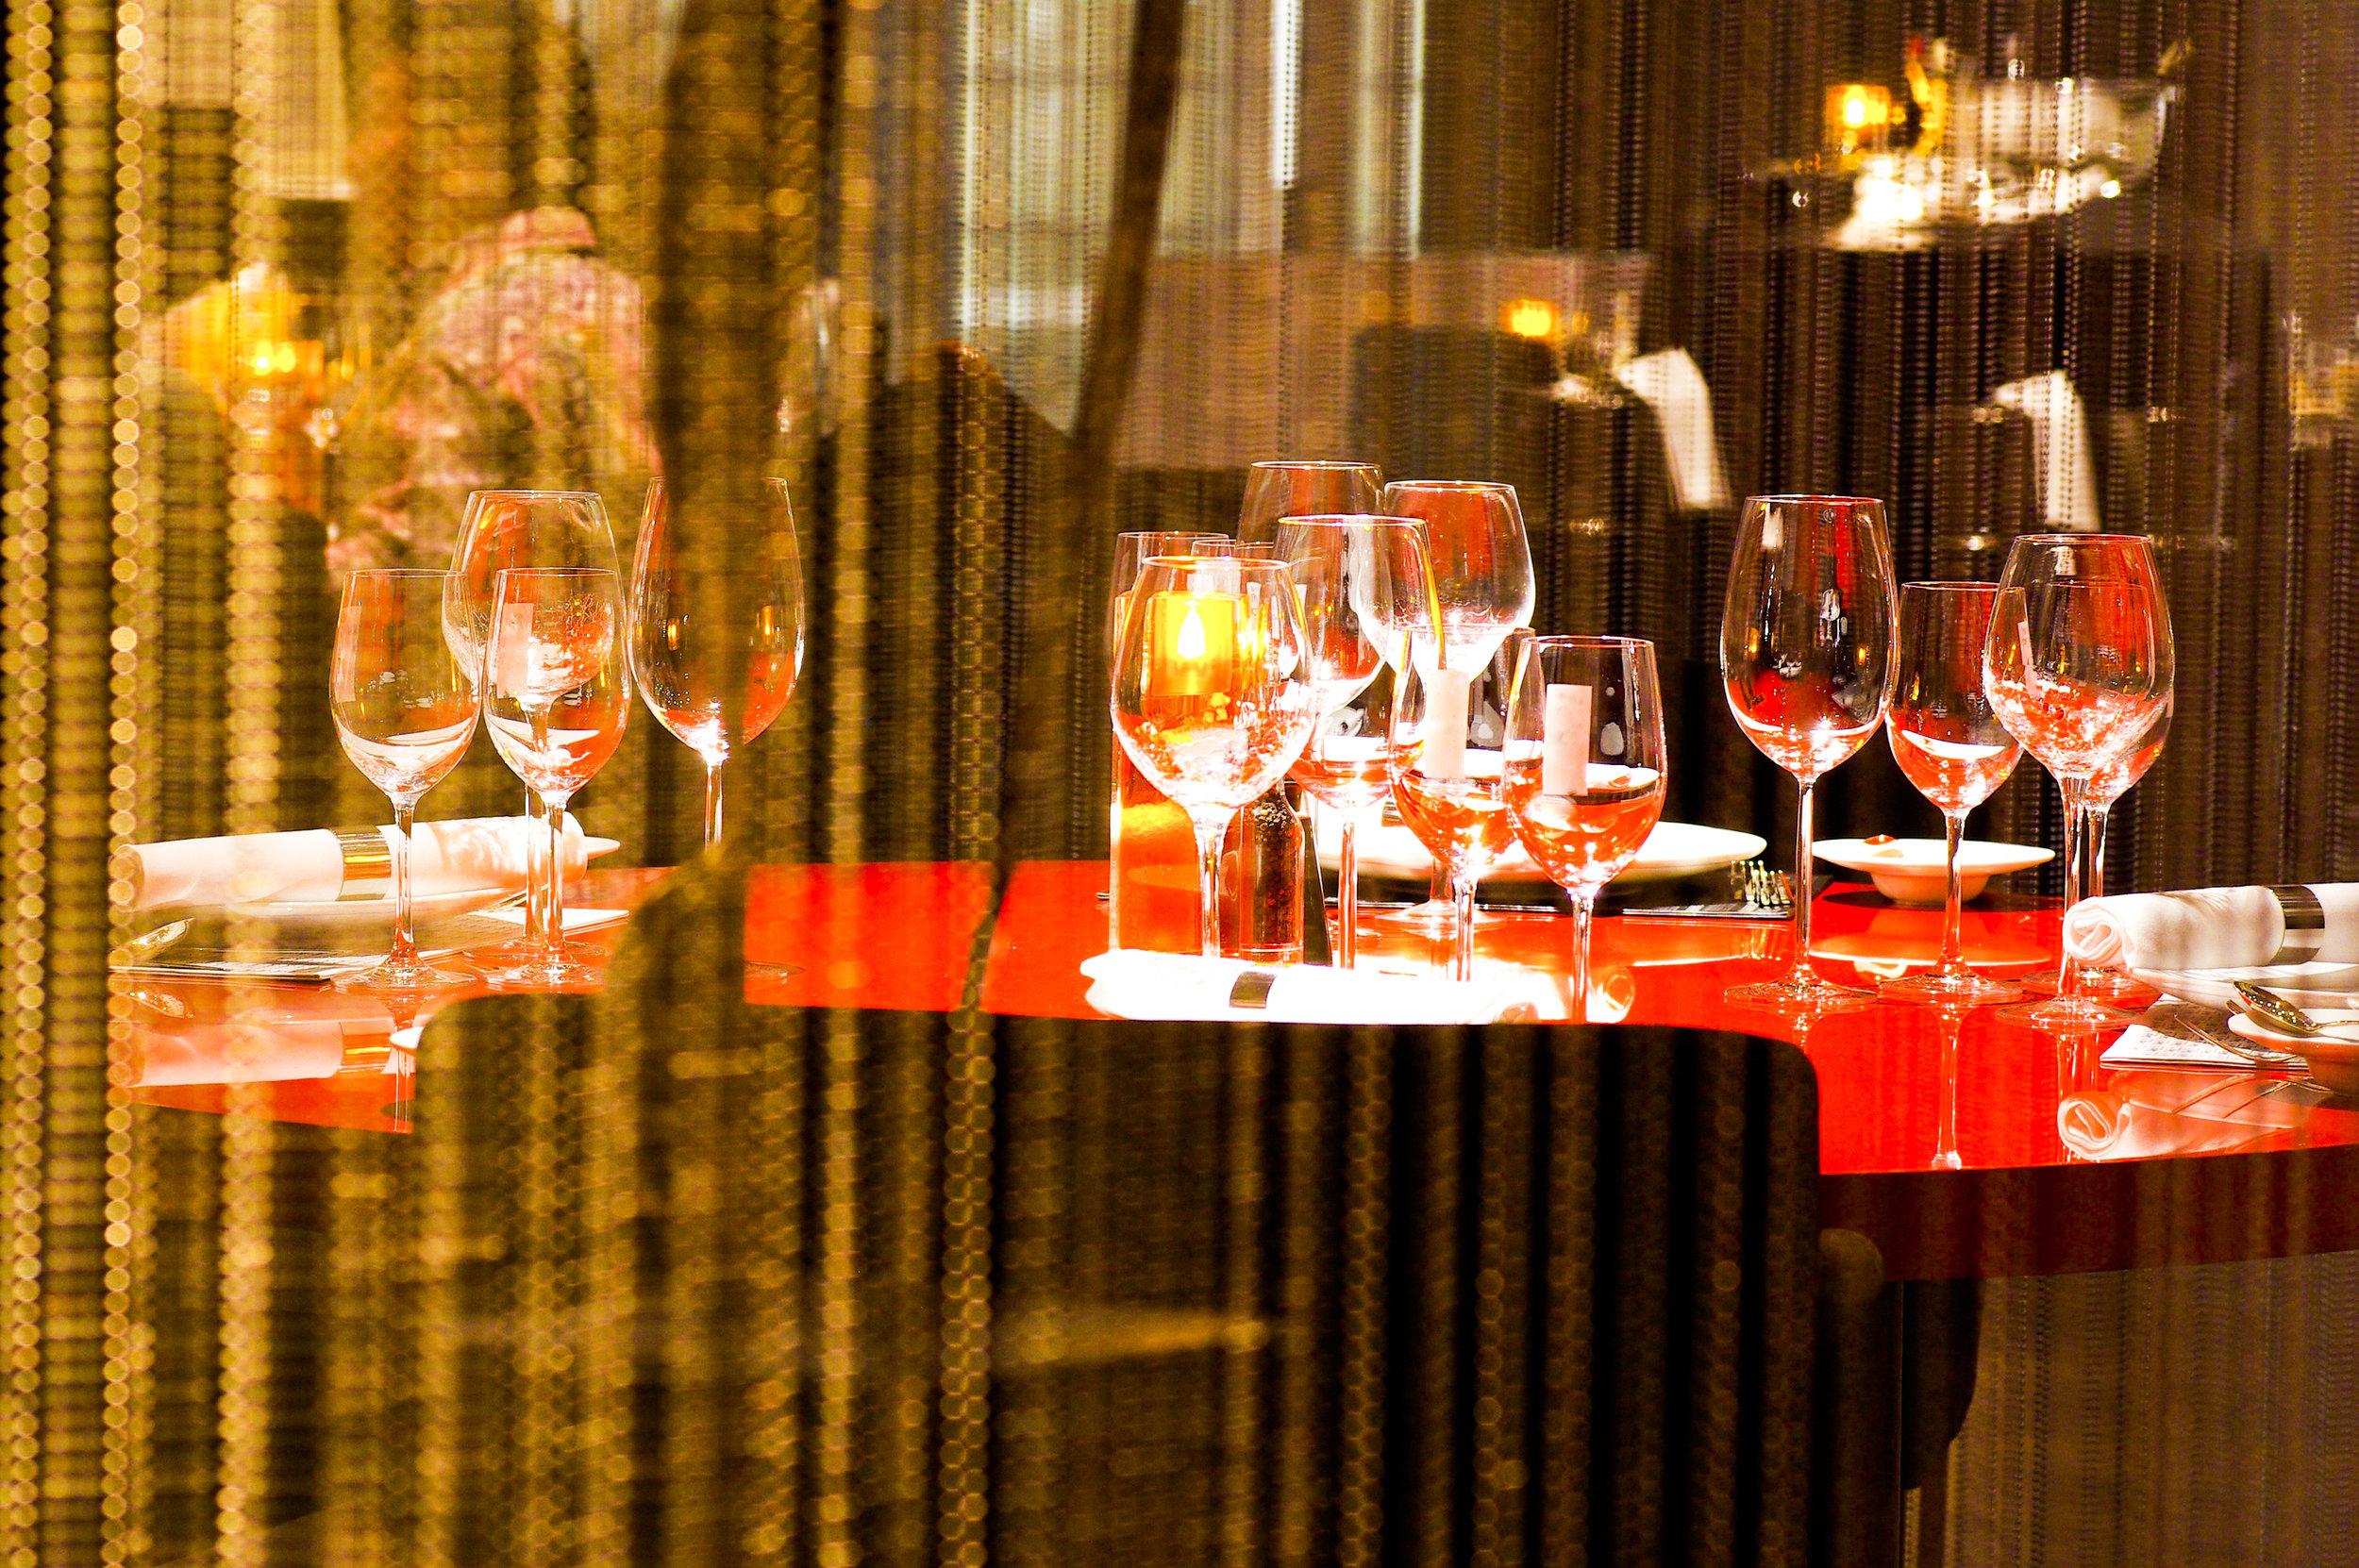 Restaurant Reel